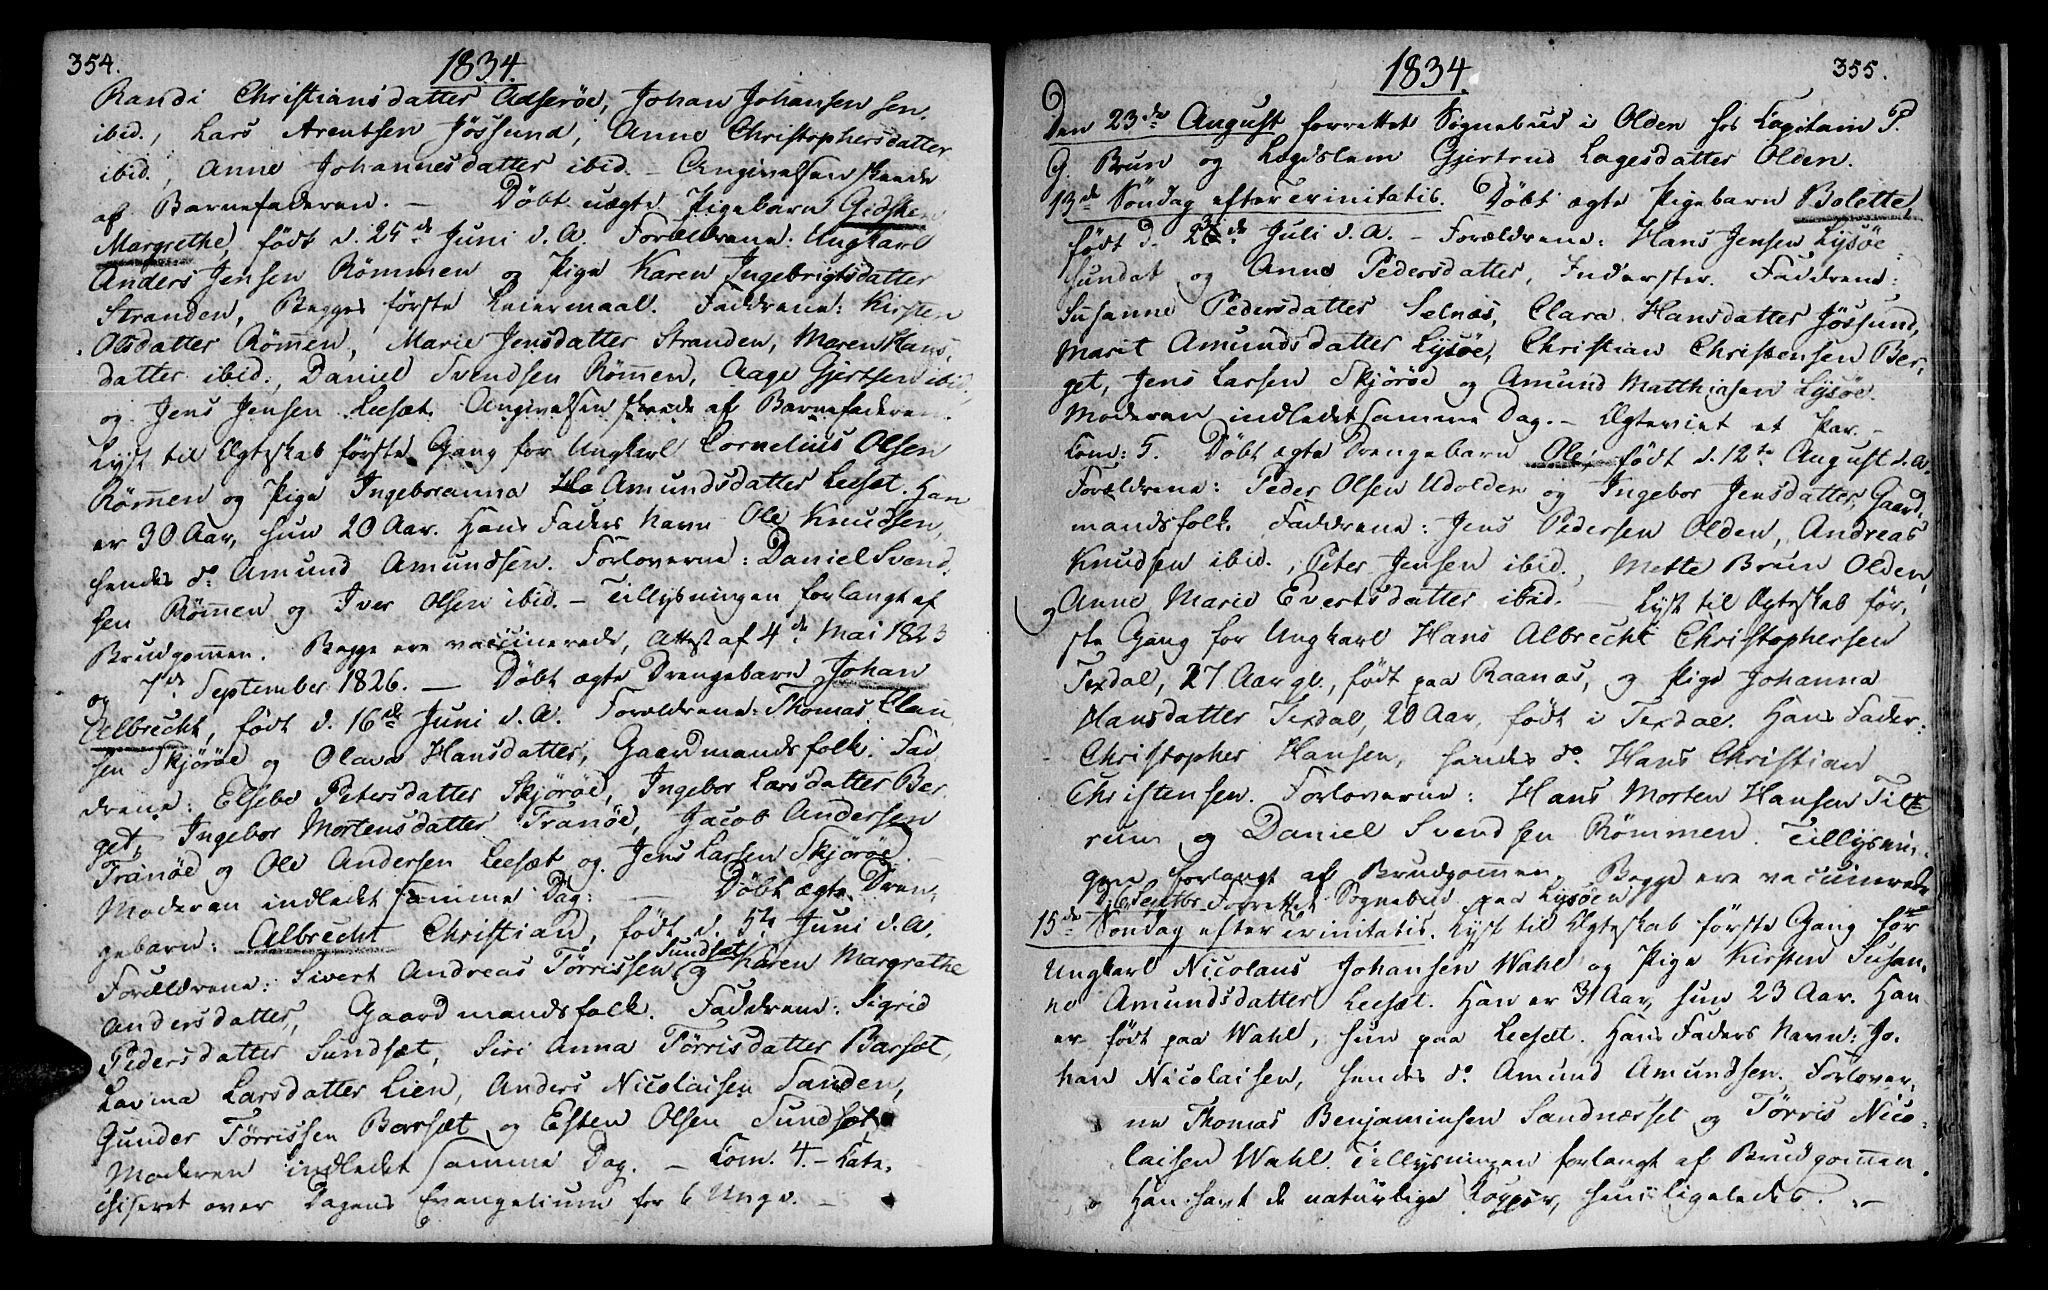 SAT, Ministerialprotokoller, klokkerbøker og fødselsregistre - Sør-Trøndelag, 655/L0674: Ministerialbok nr. 655A03, 1802-1826, s. 354-355